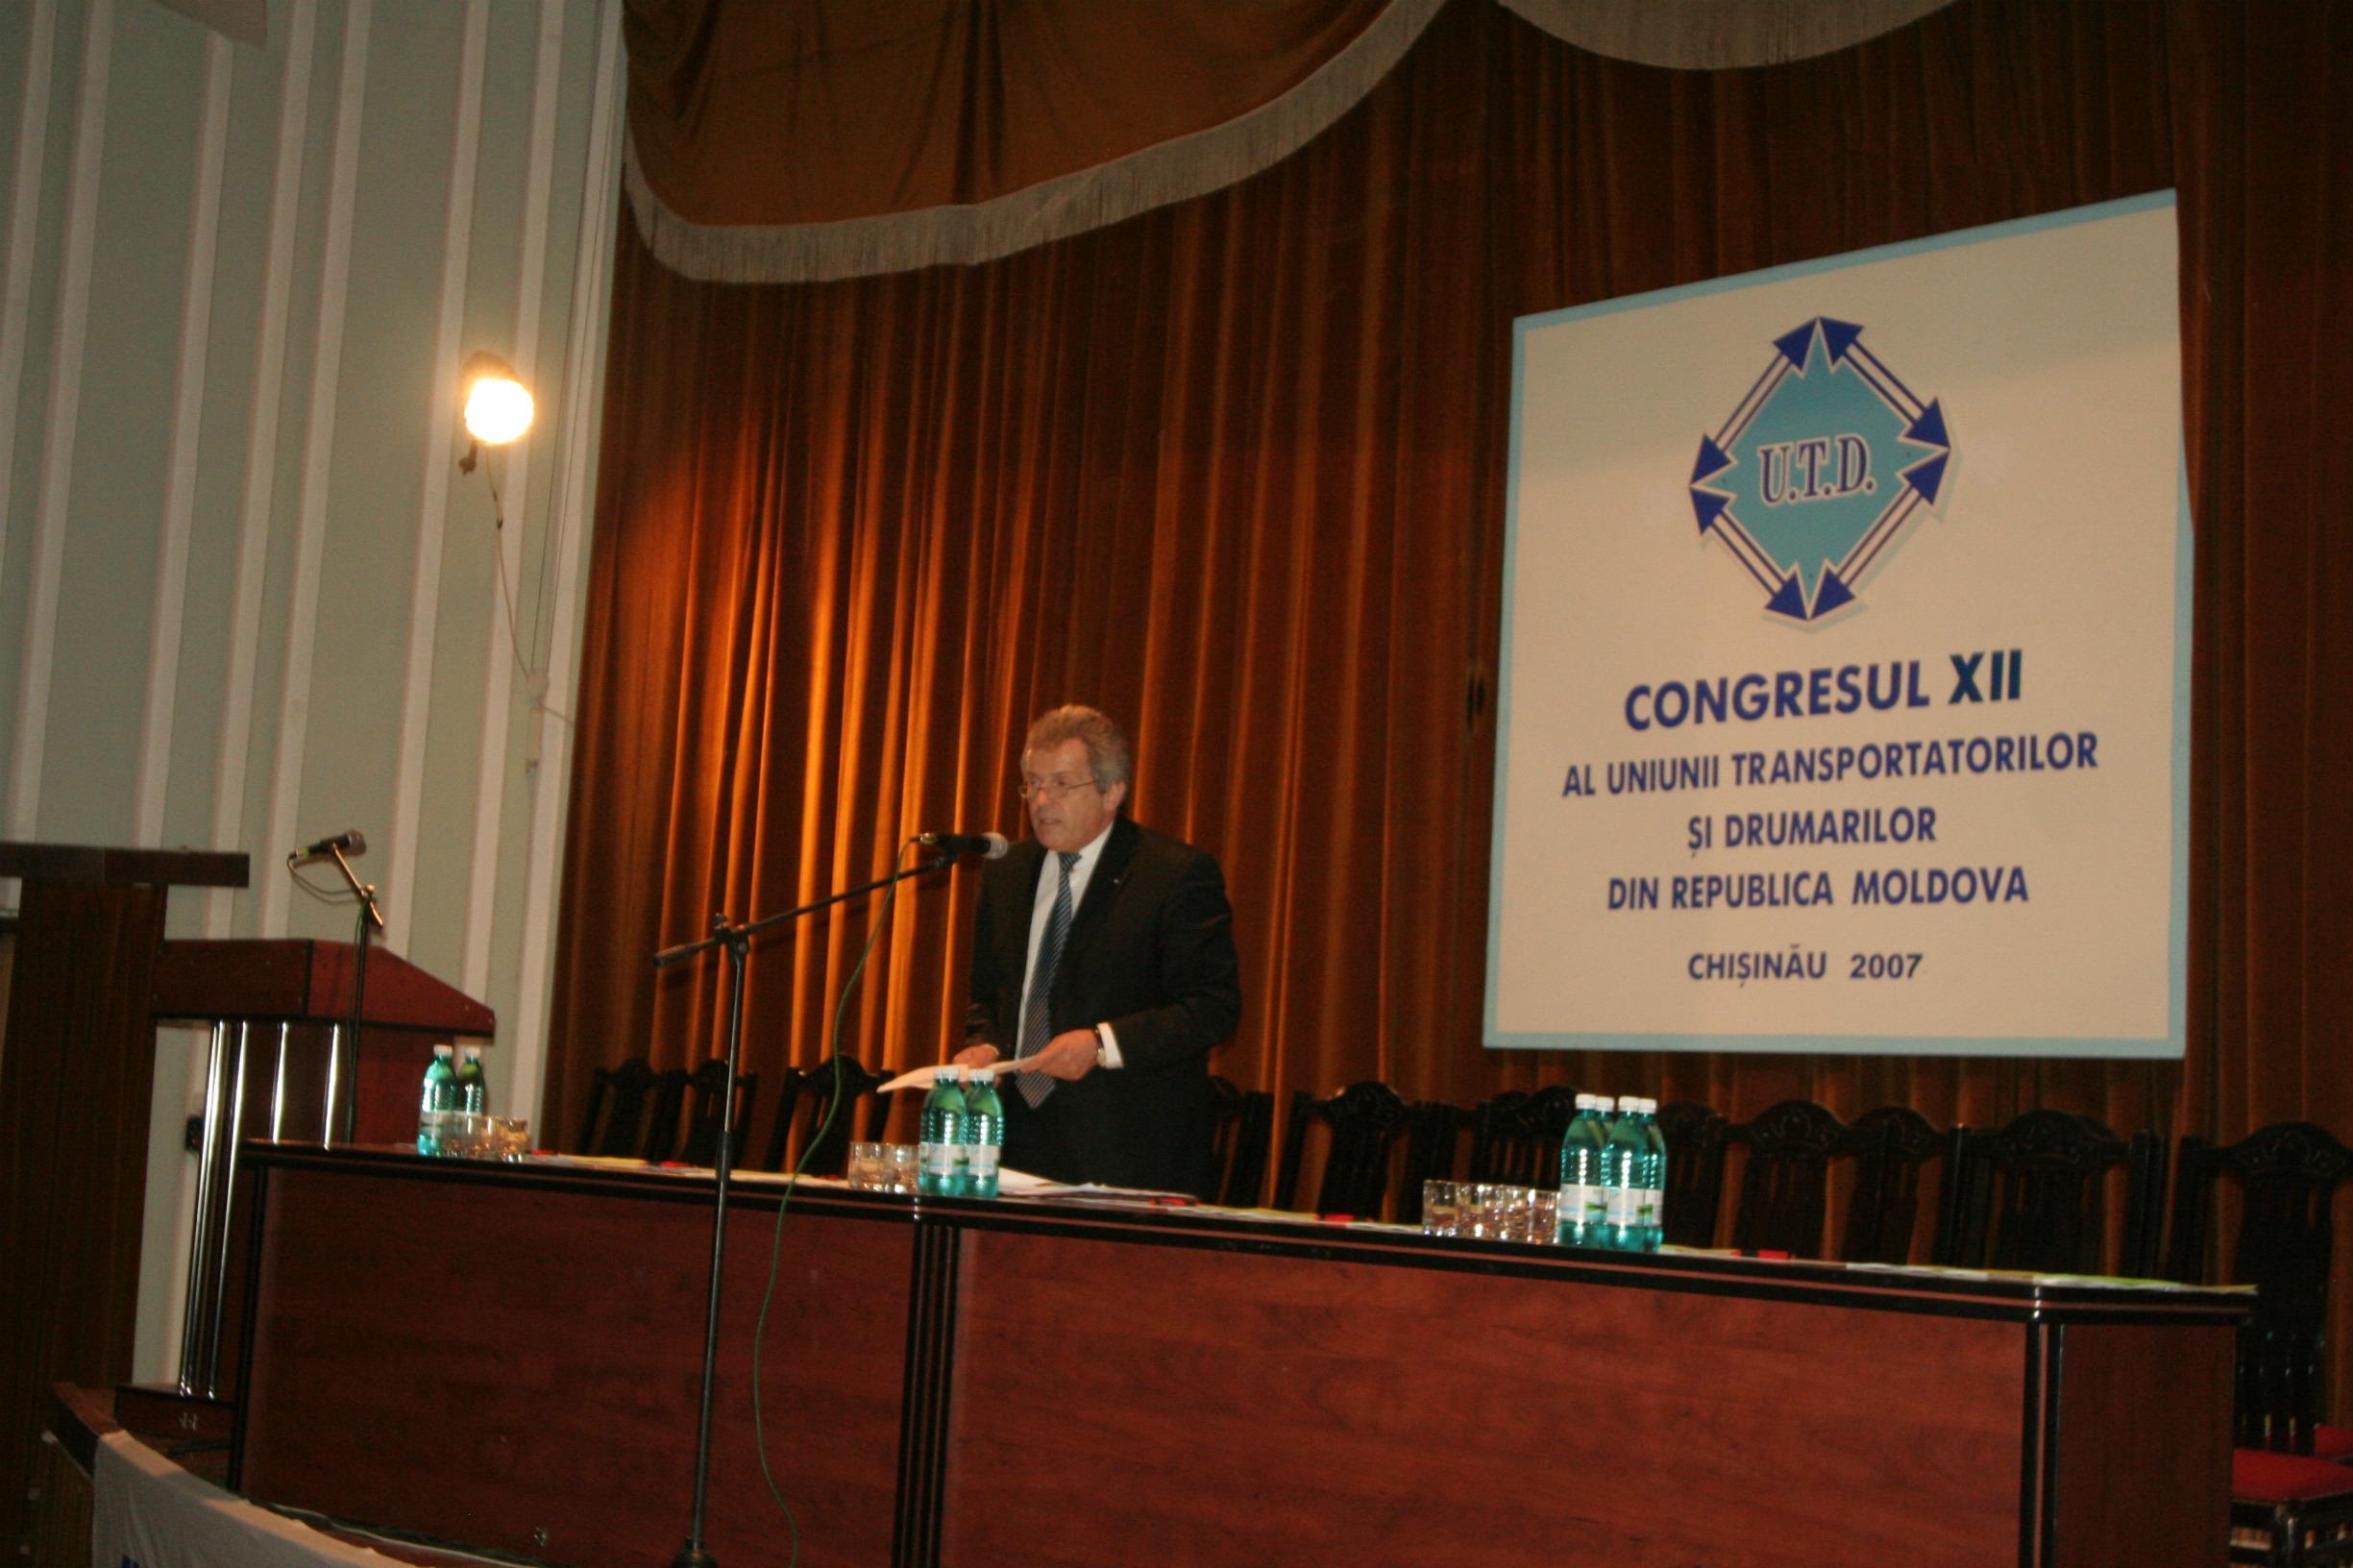 Congresul XII (2)